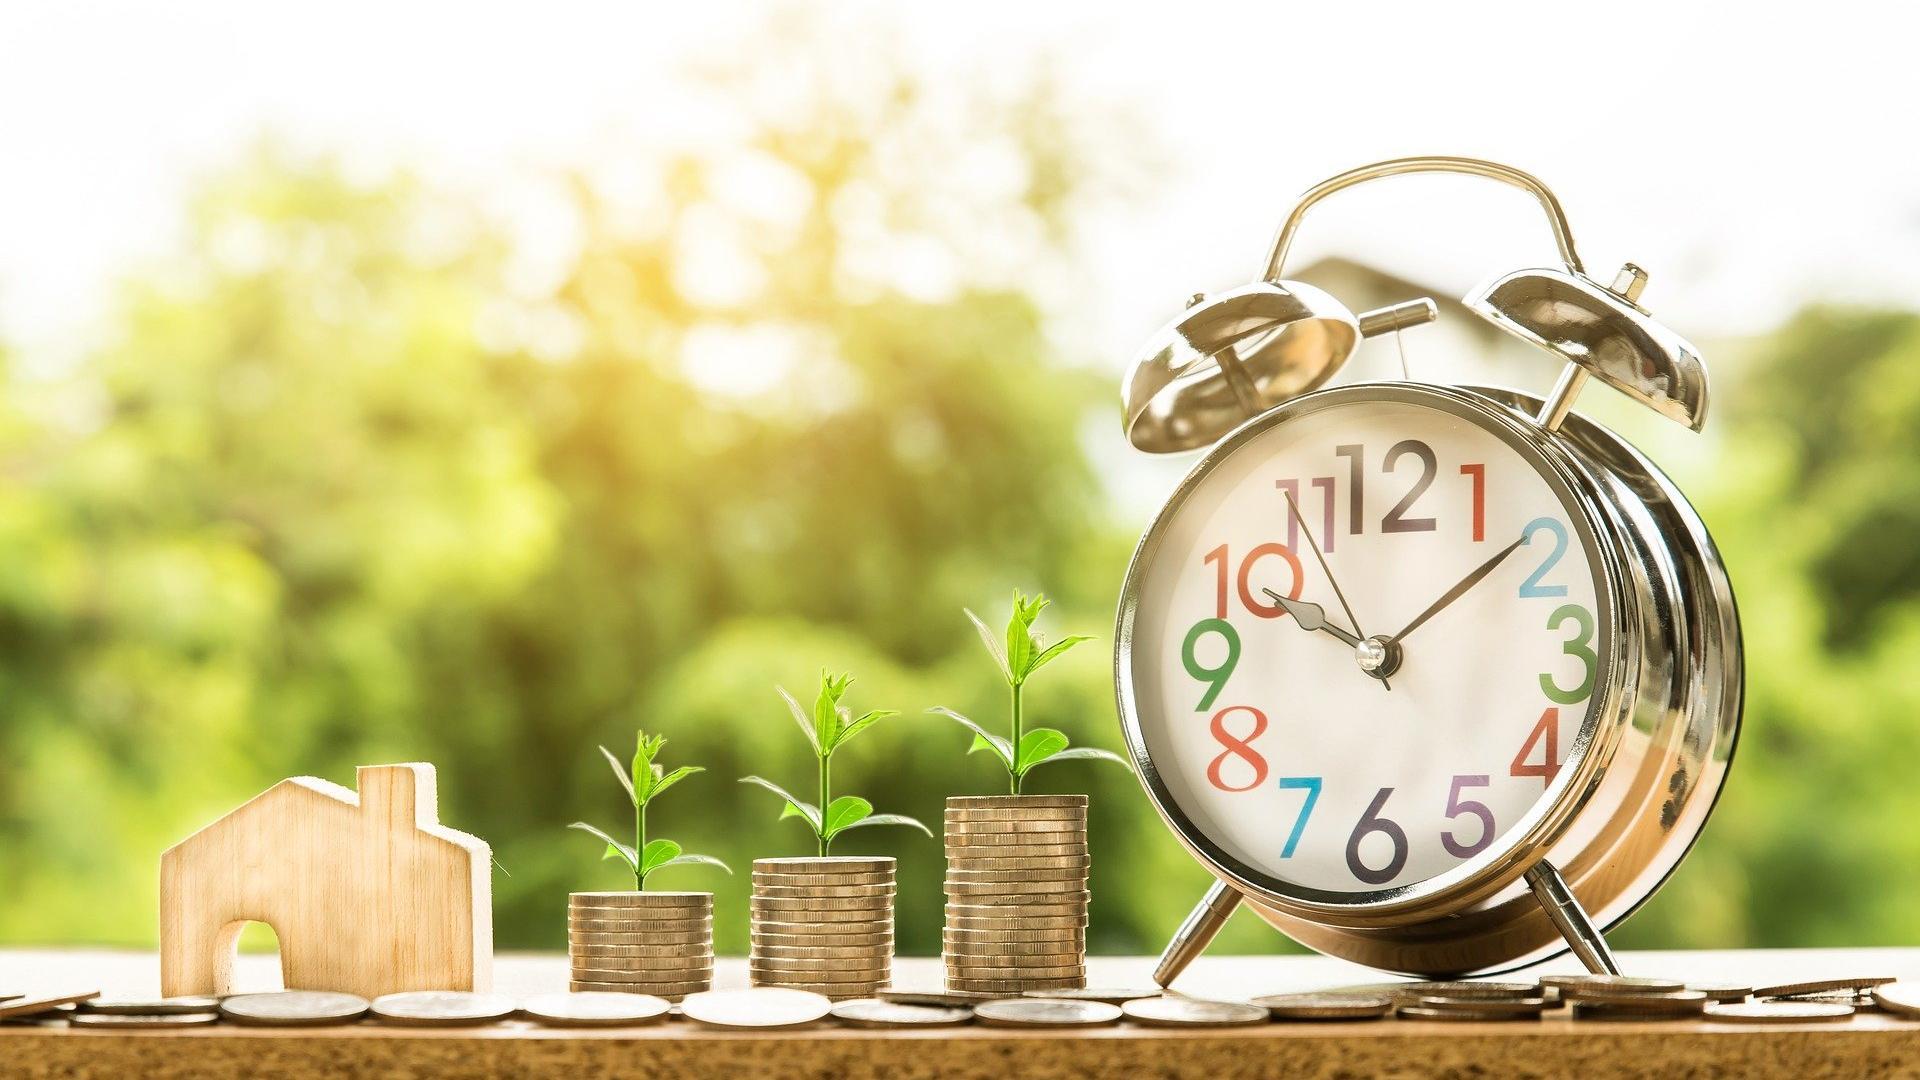 Nachfrageorientierte Wirtschaftspolitik braucht im Gegensatz zur angebotsorientierten Wirtschaftspolitik ein genaues Timing.